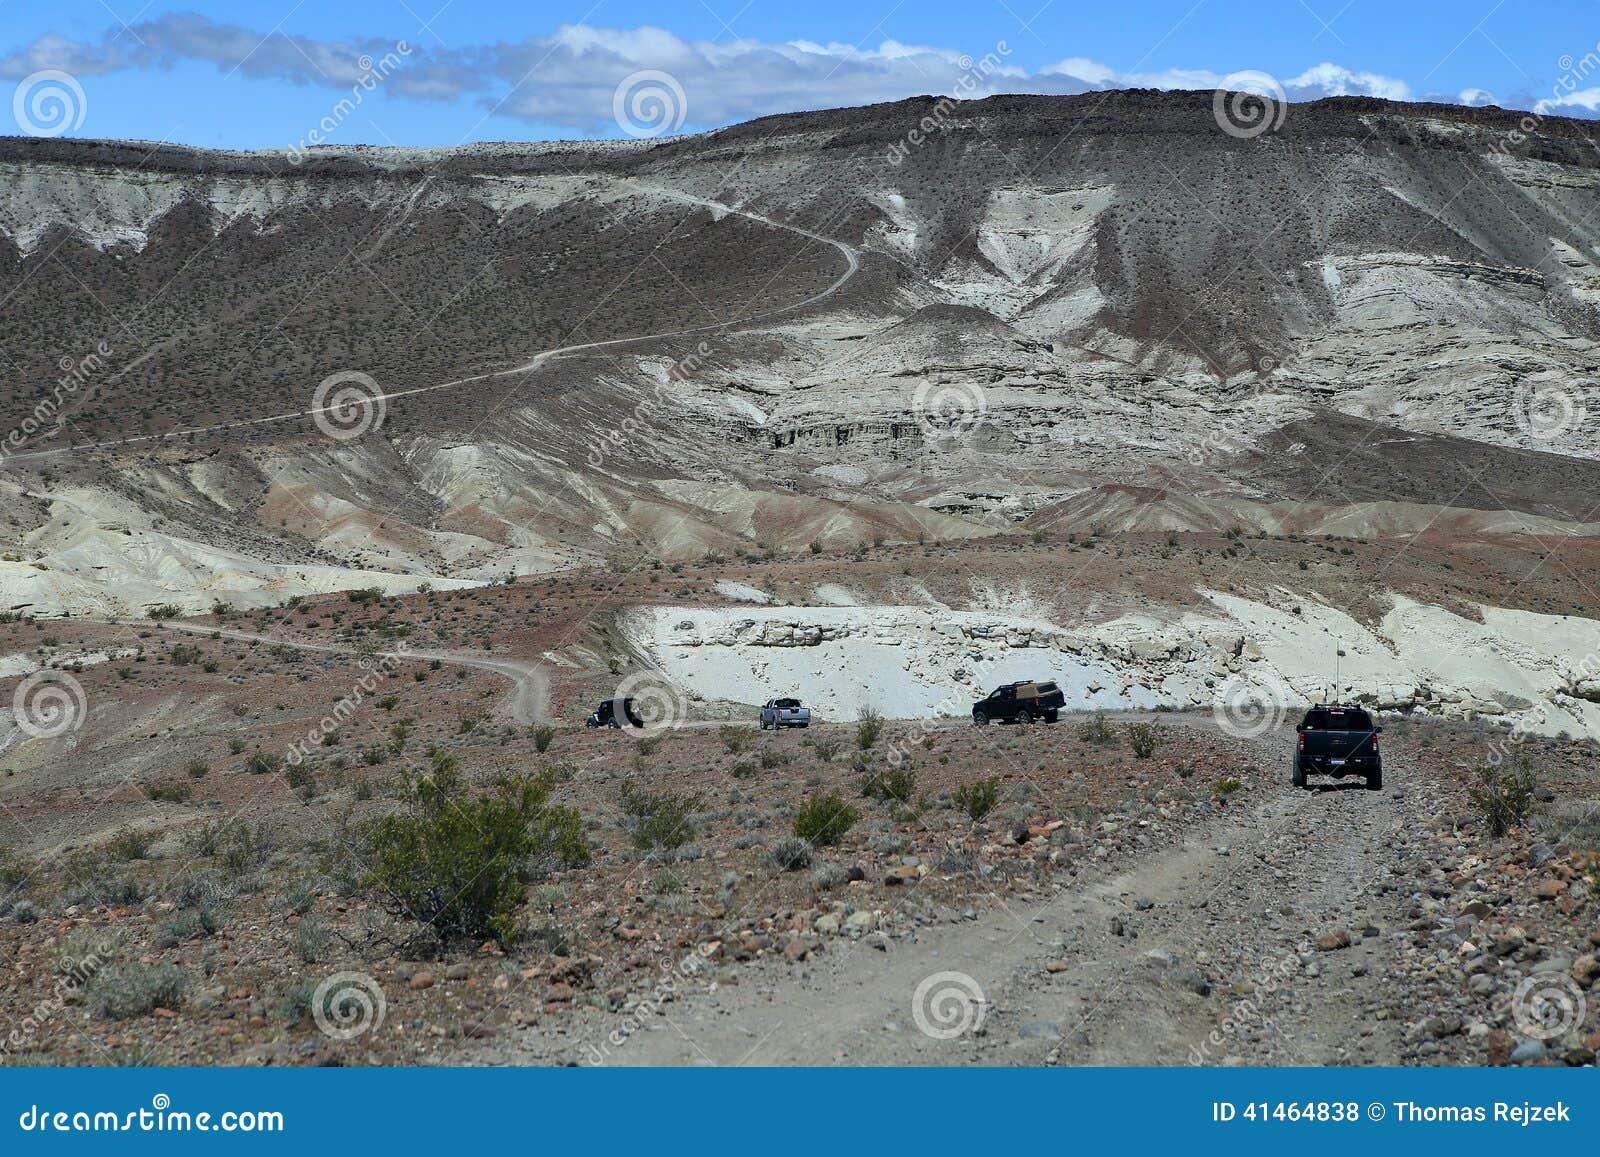 off roading in the desert